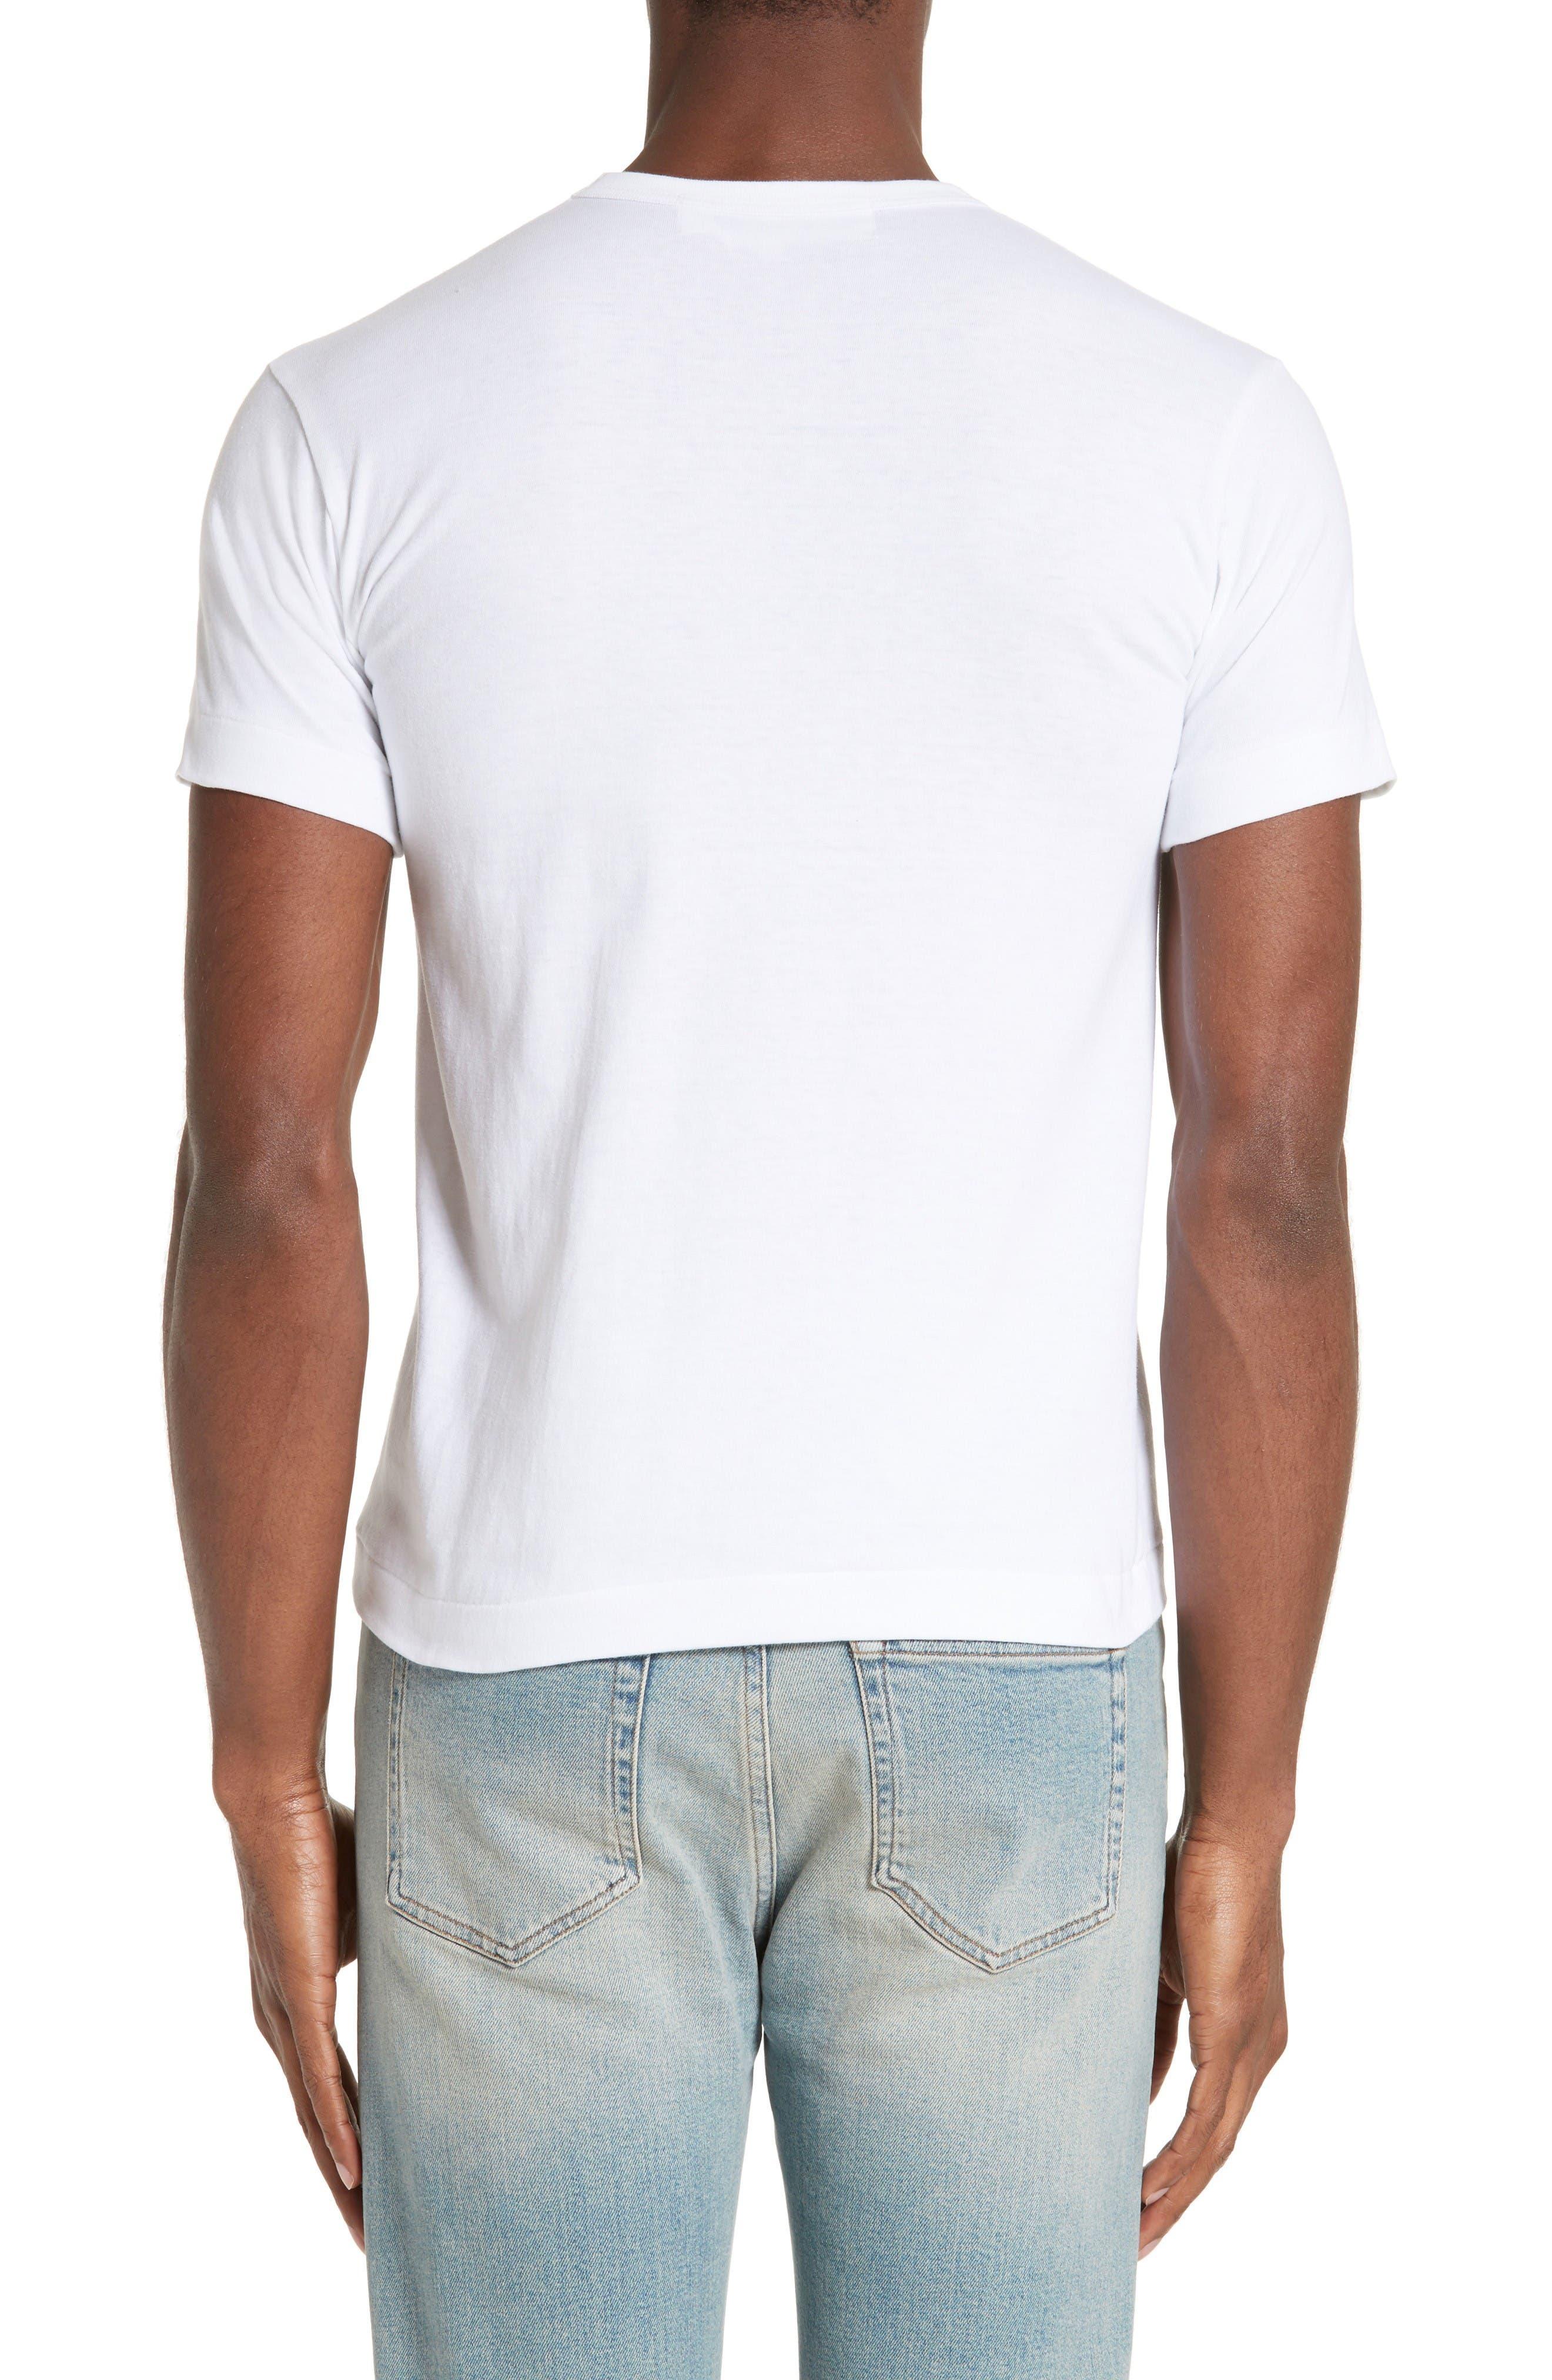 Alternate Image 2  - Comme des Garçons PLAY Graphic T-Shirt with Heart Appliqué